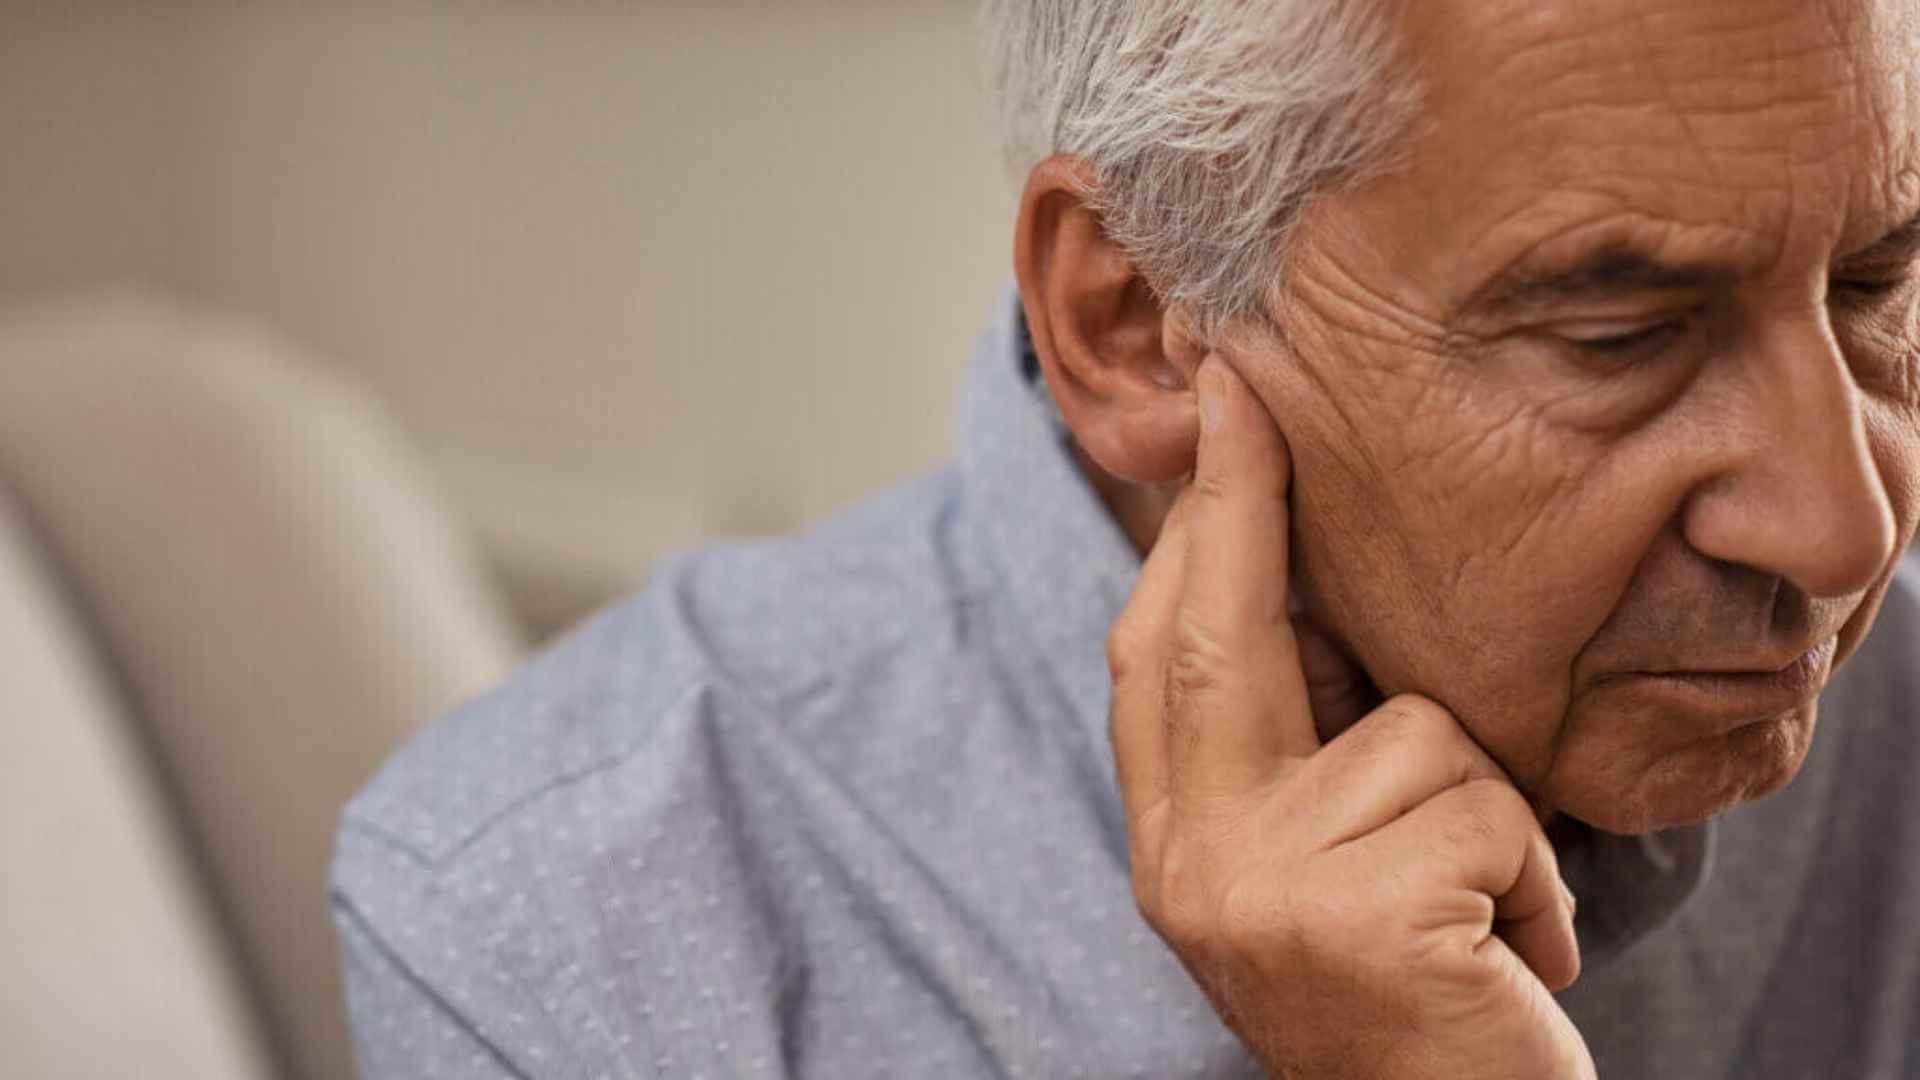 perda auditiva condutiva